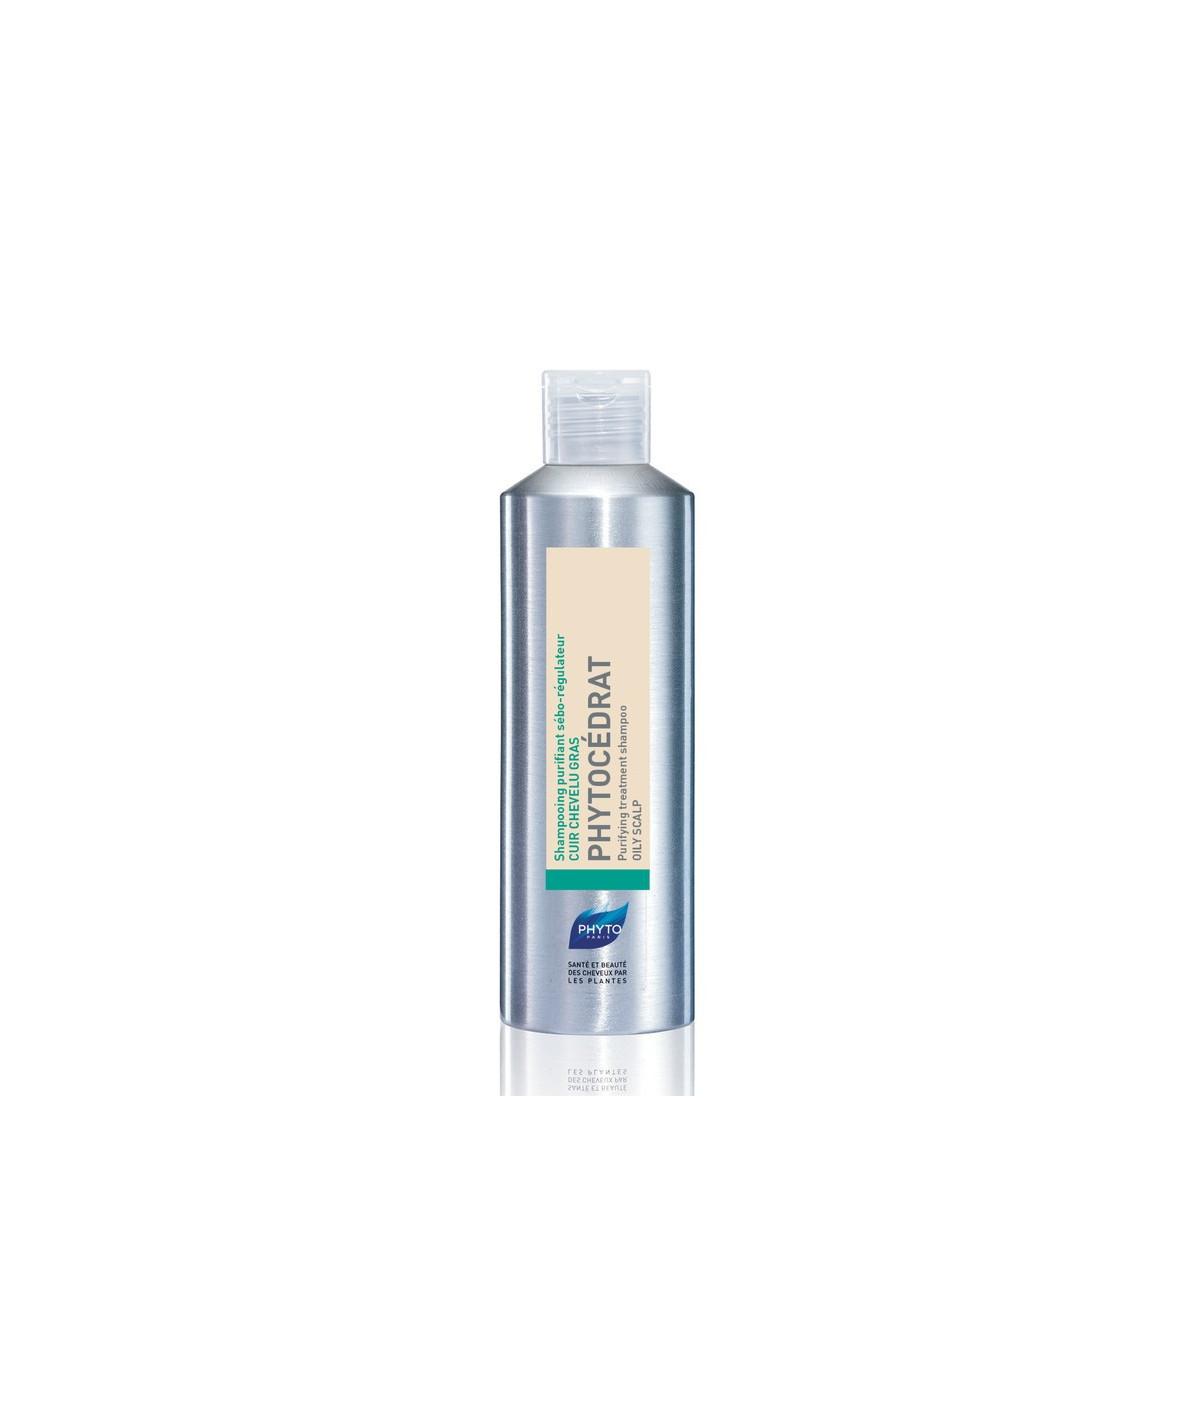 Lierac Desodorante Antitranspirante 24 Horas